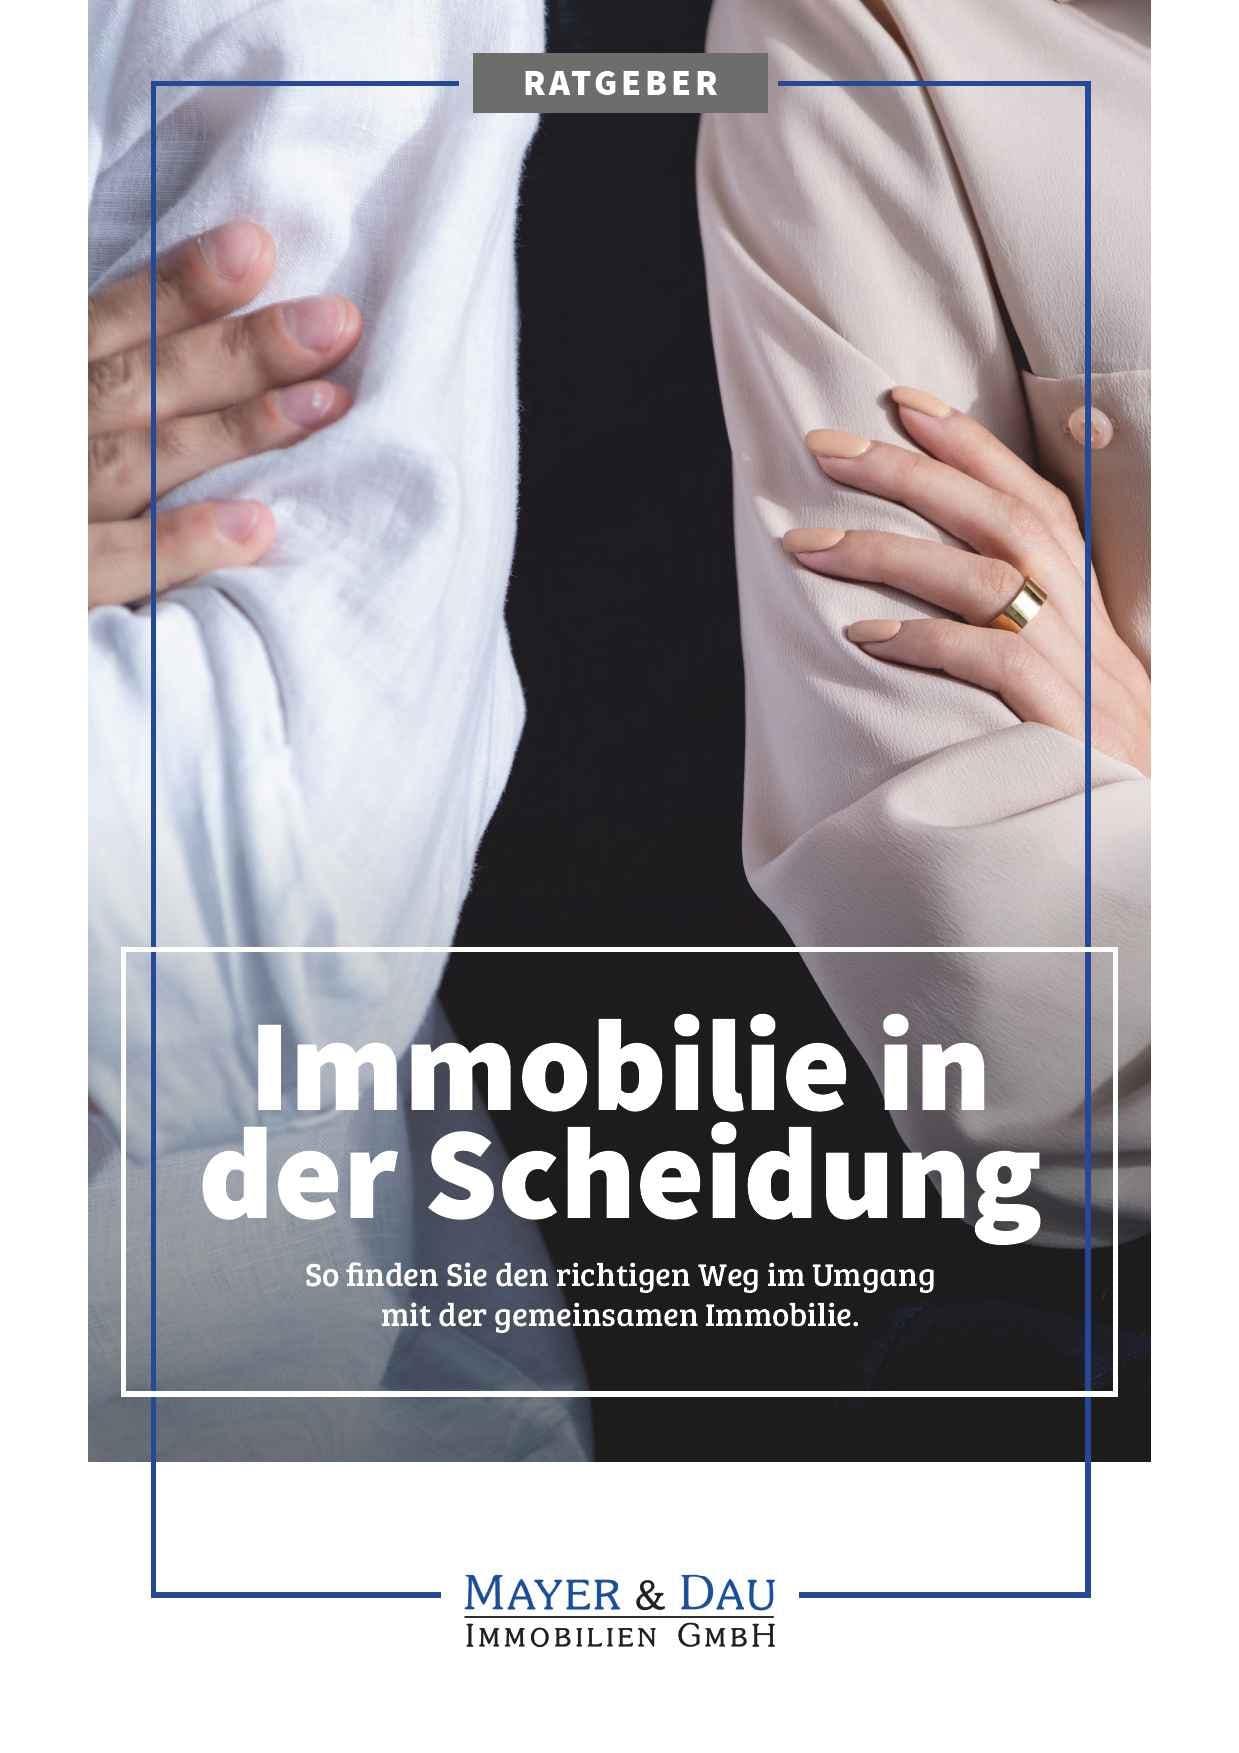 Mayer_und_Dau_Immobilie_in_der_Scheidung_Cover